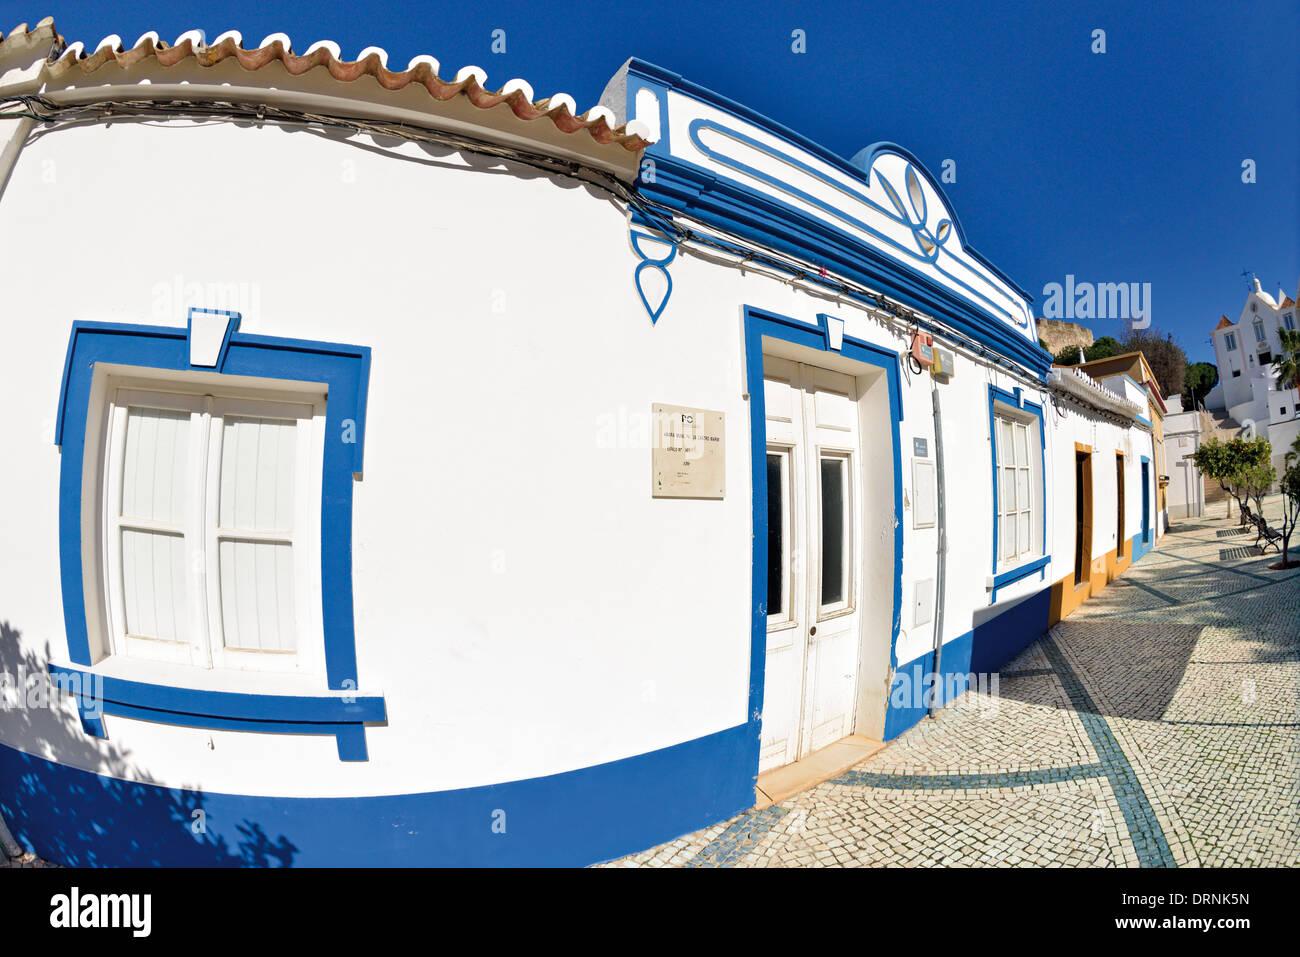 Le Portugal, l'Algarve: l'architecture typique de l'algarve à Praca 1 de Maio à Castro Marim Photo Stock